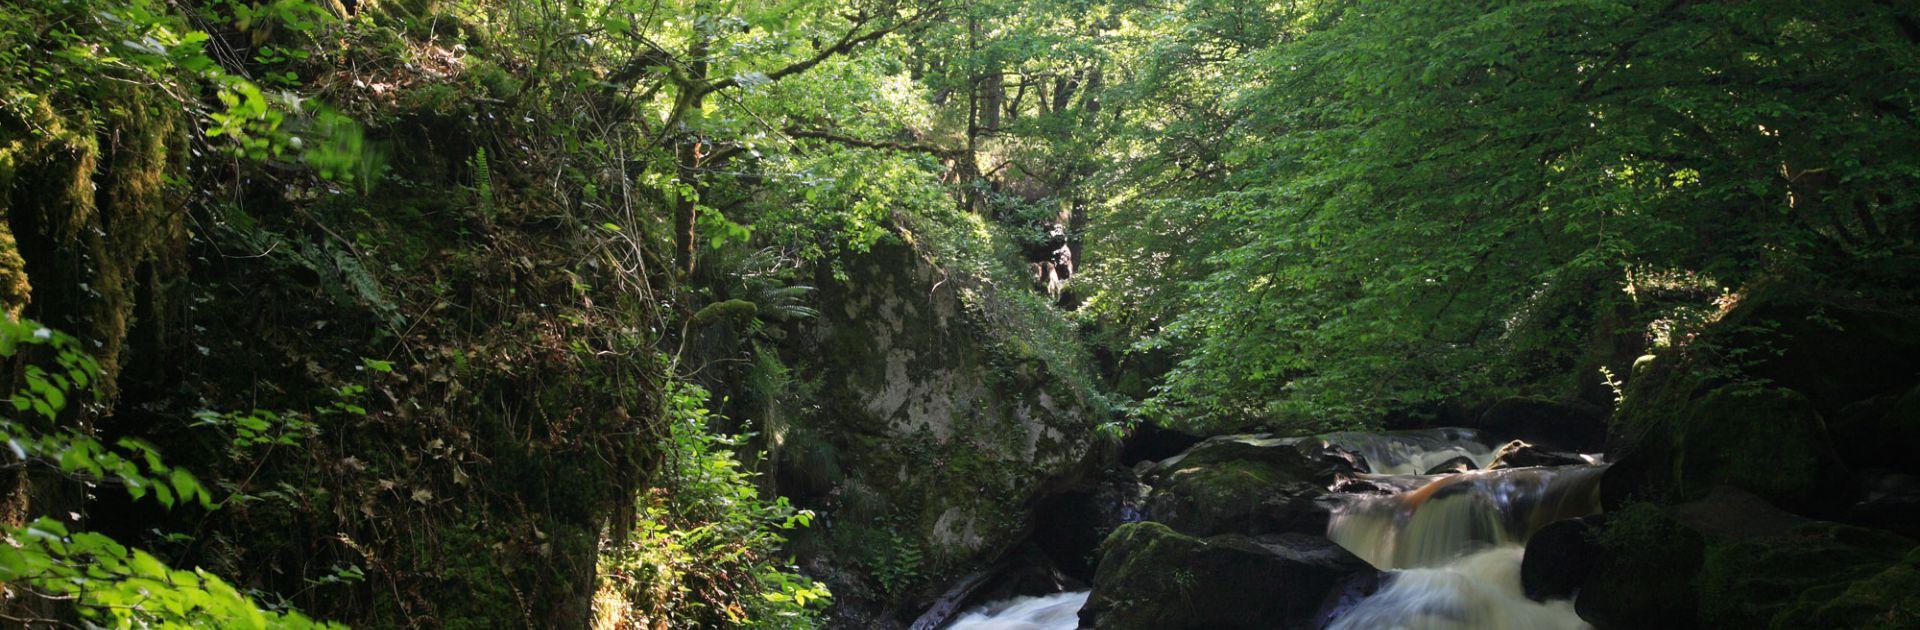 Périgord Vert camping natuur Dordogne